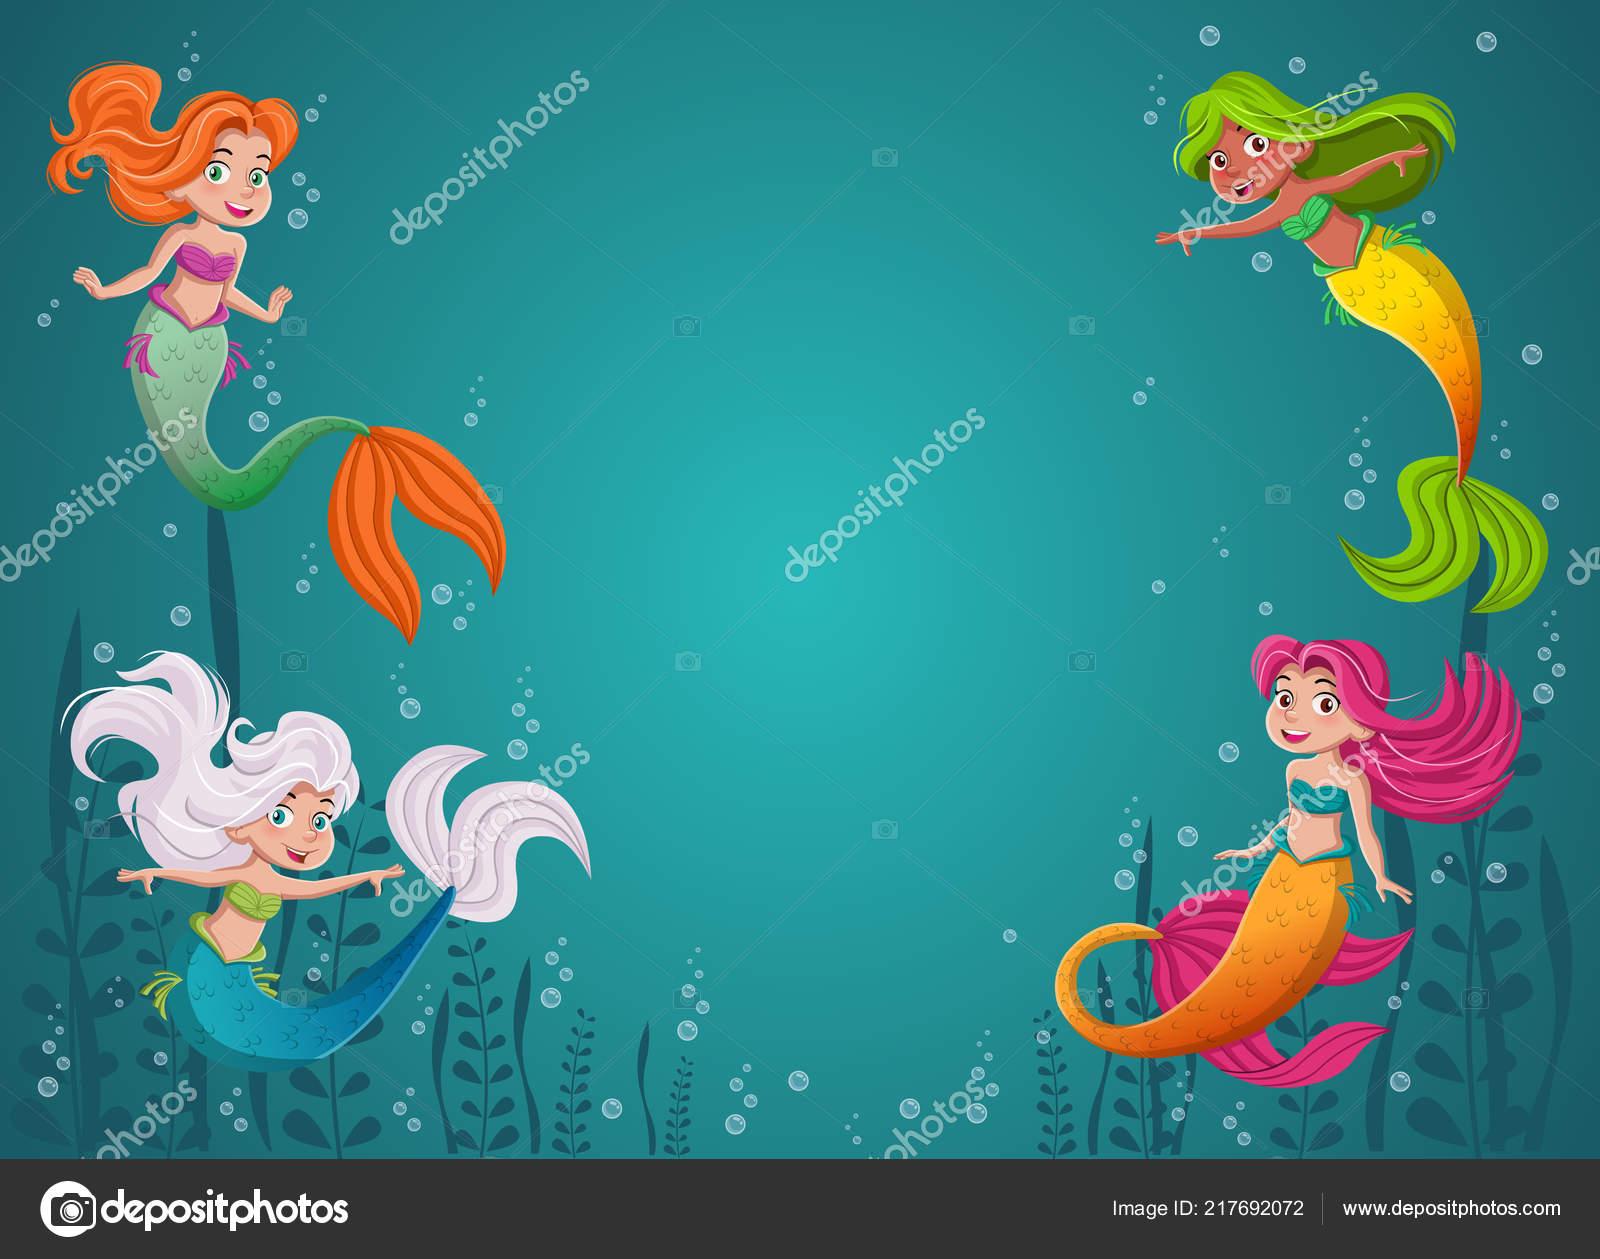 Princesa Sereia Desenhos Animados Com Cabelo Colorido Criancas